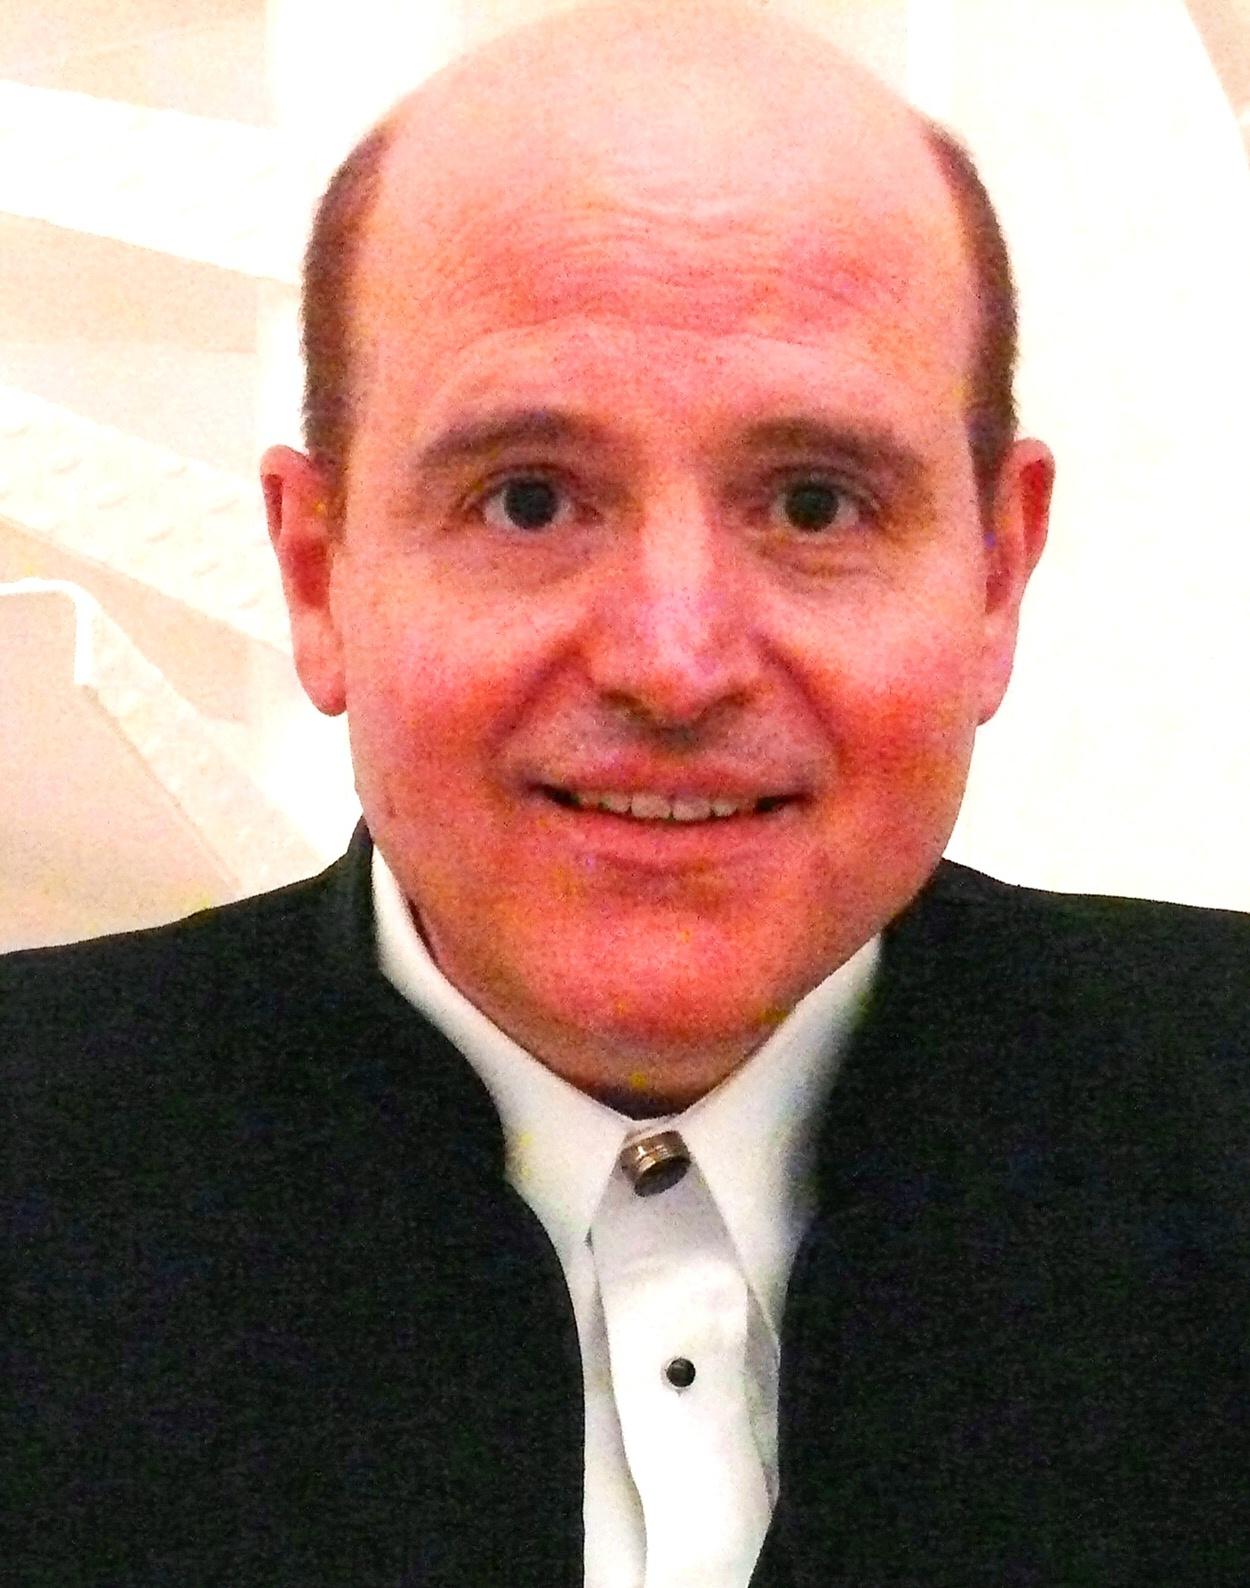 BruceMcWilliams